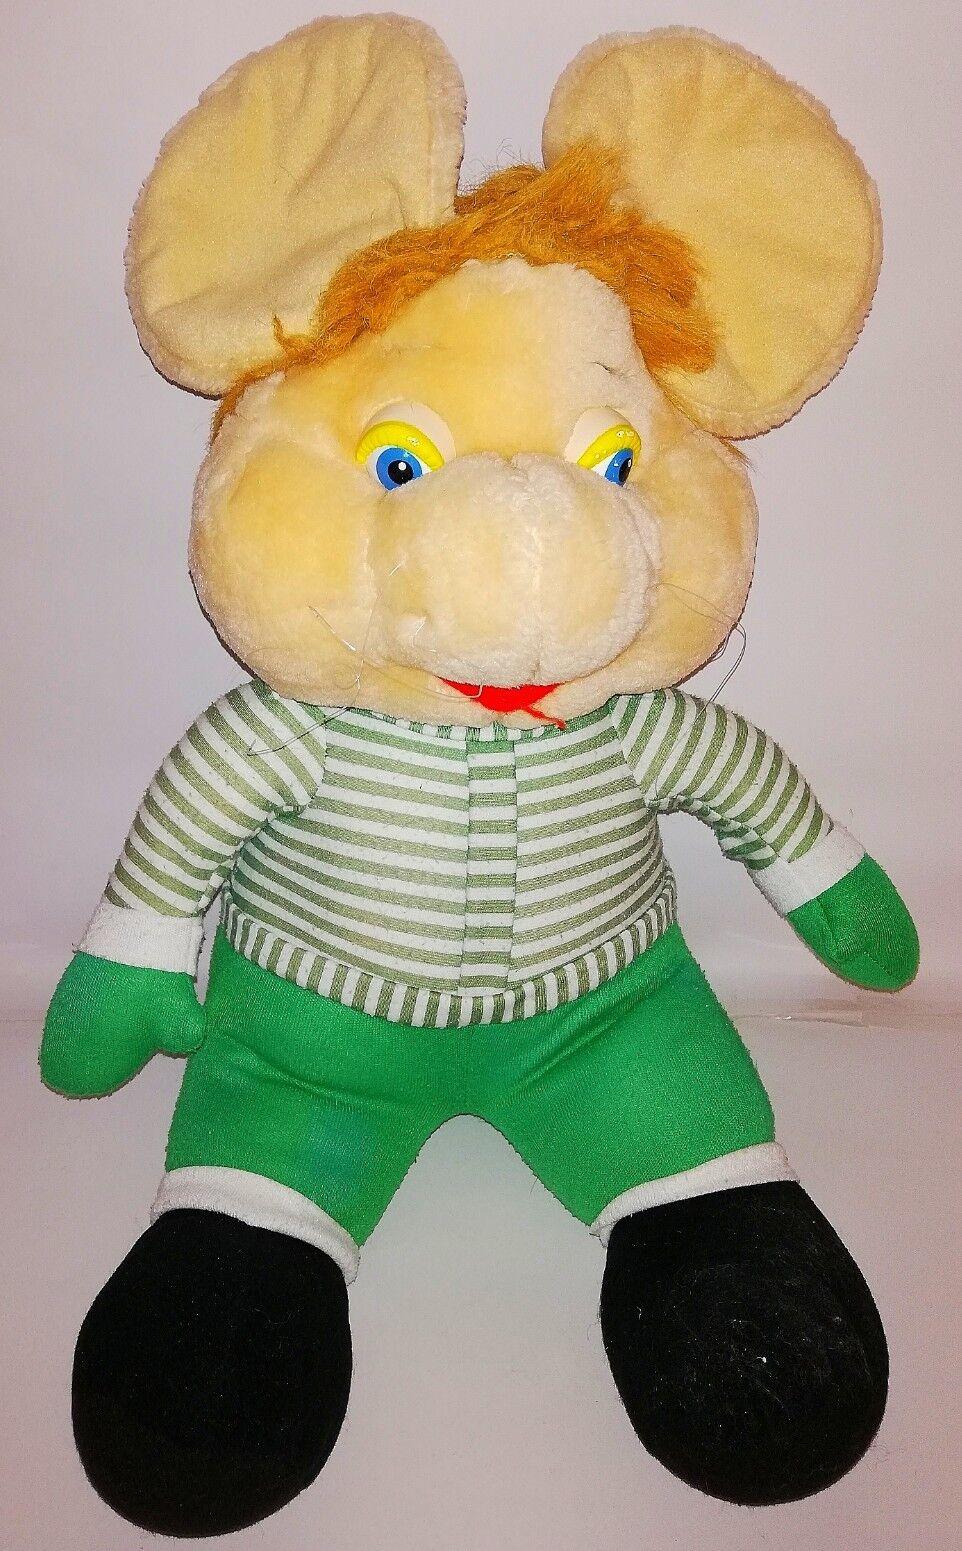 Topo gigio peluche retro 40 cm.Imagen de un juguete suave de terciopelo del ratón